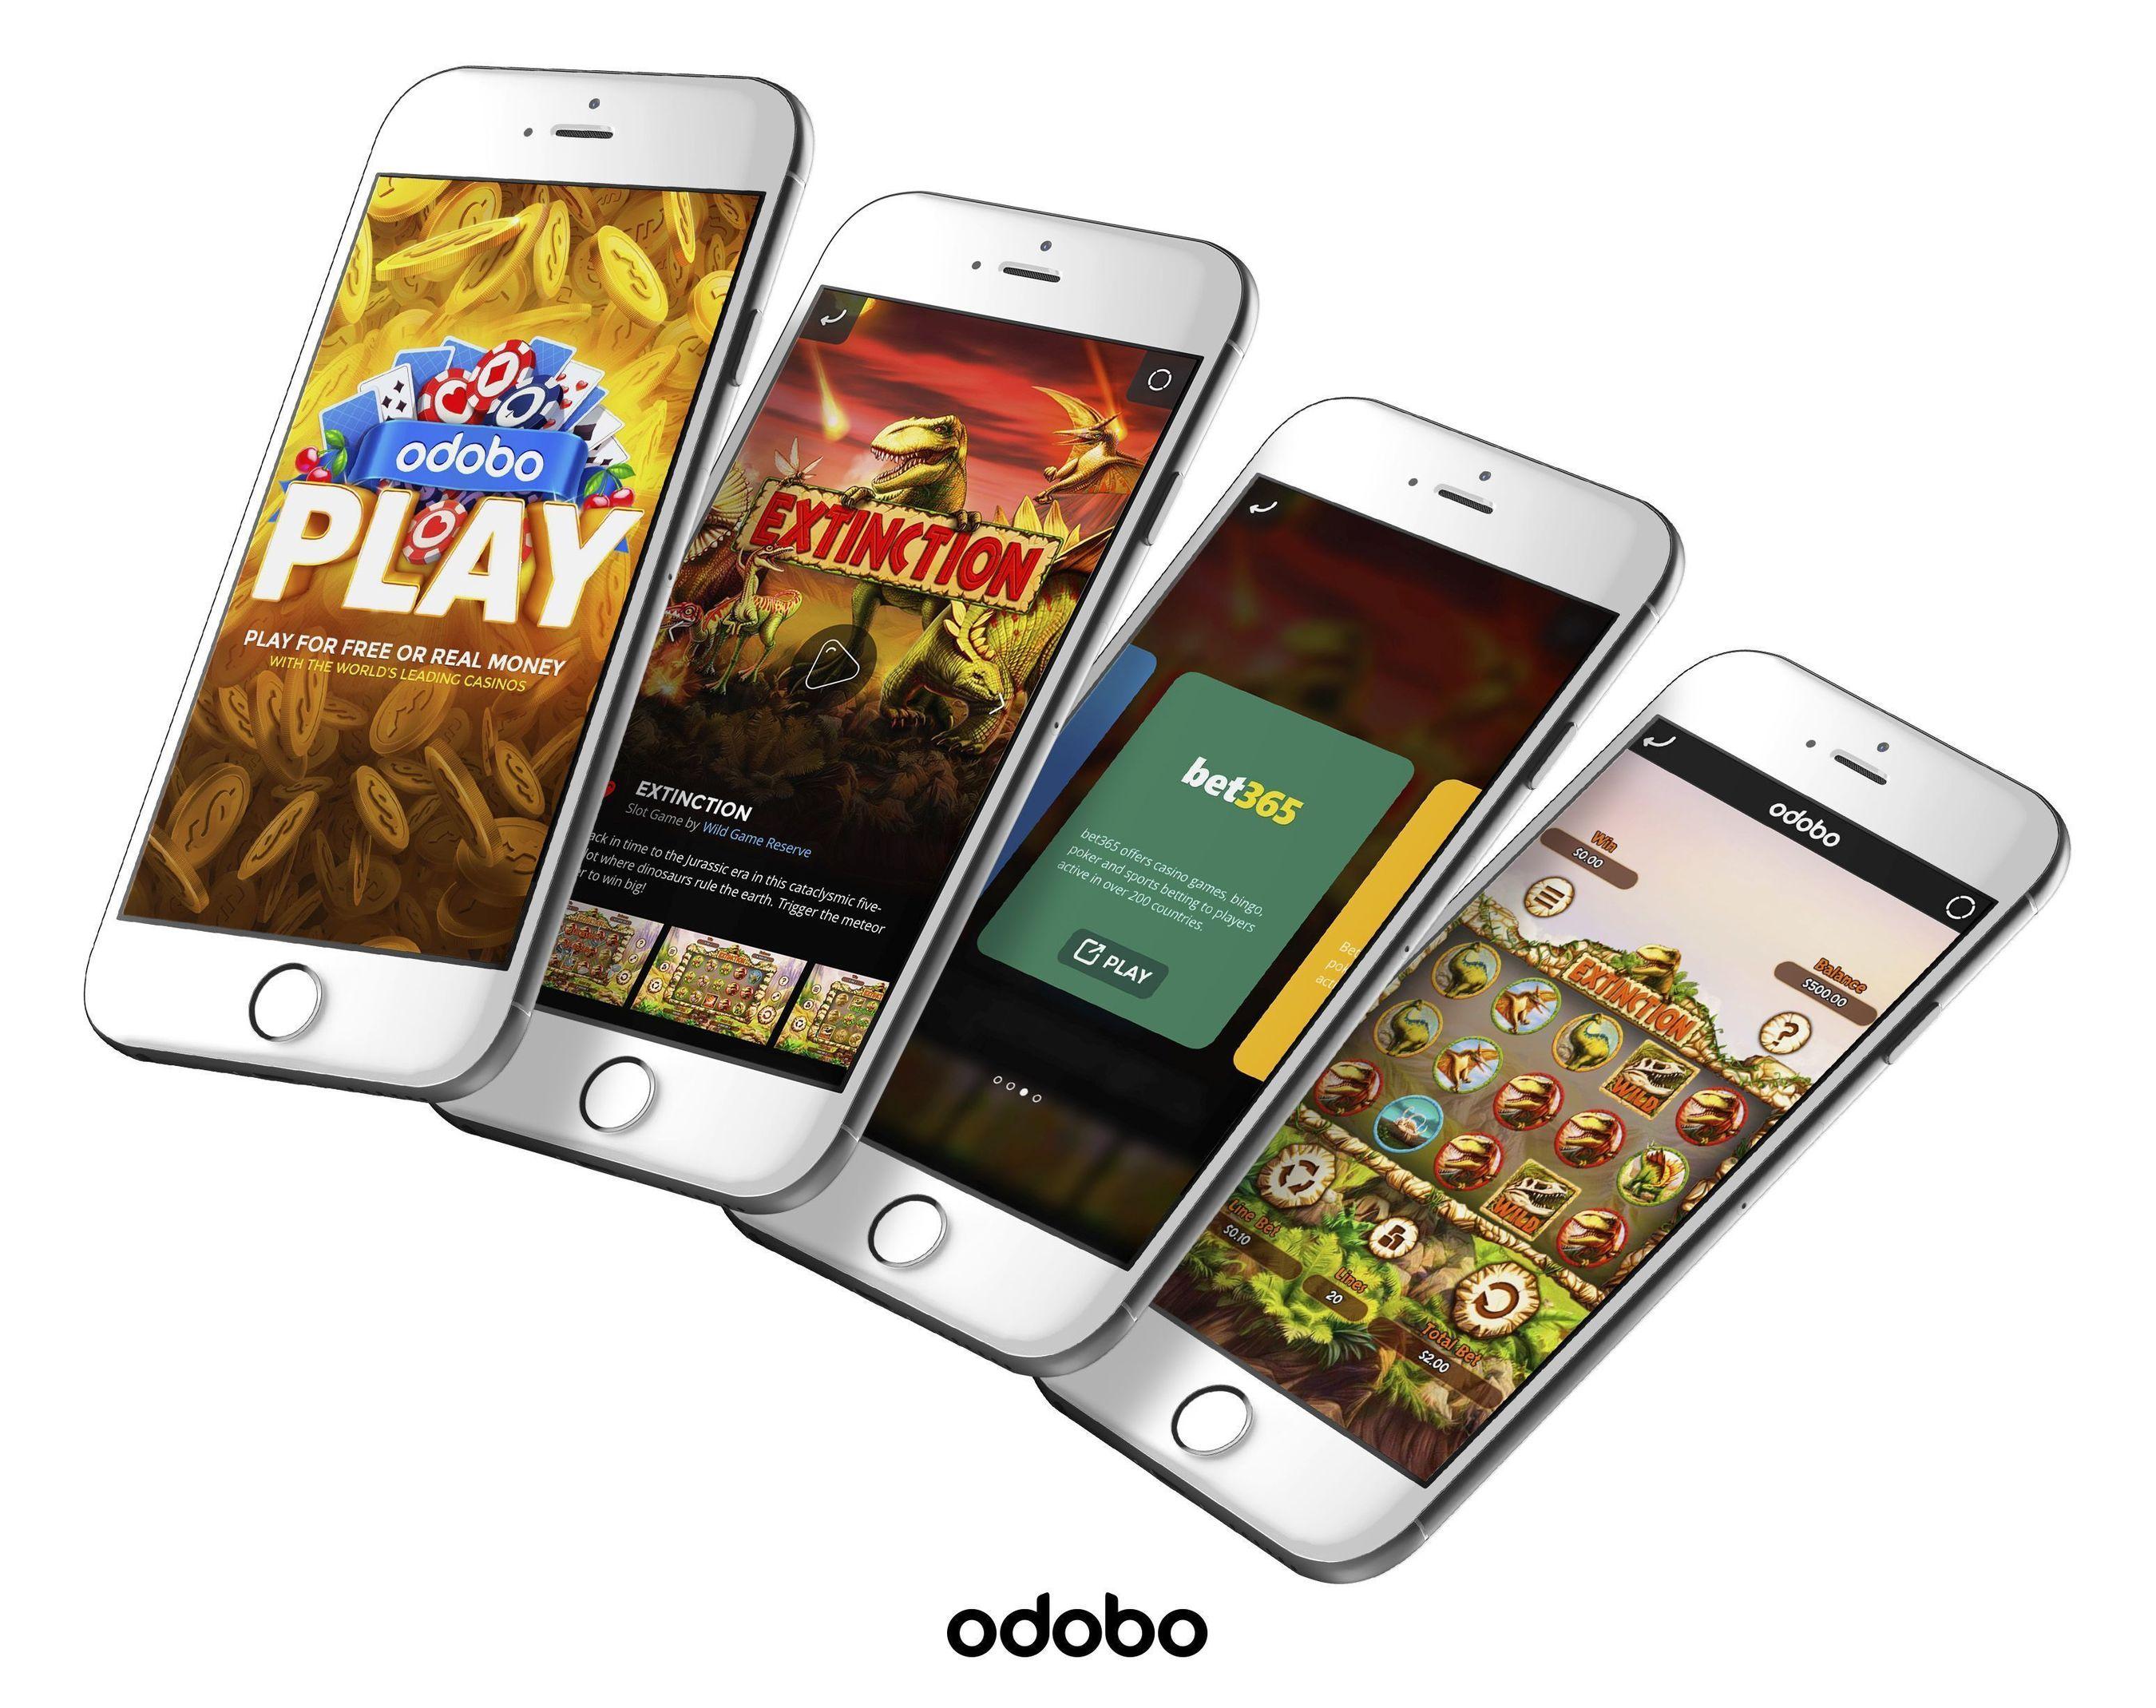 Discover real casino games with the Odobo Play iOS app (PRNewsFoto/Odobo)